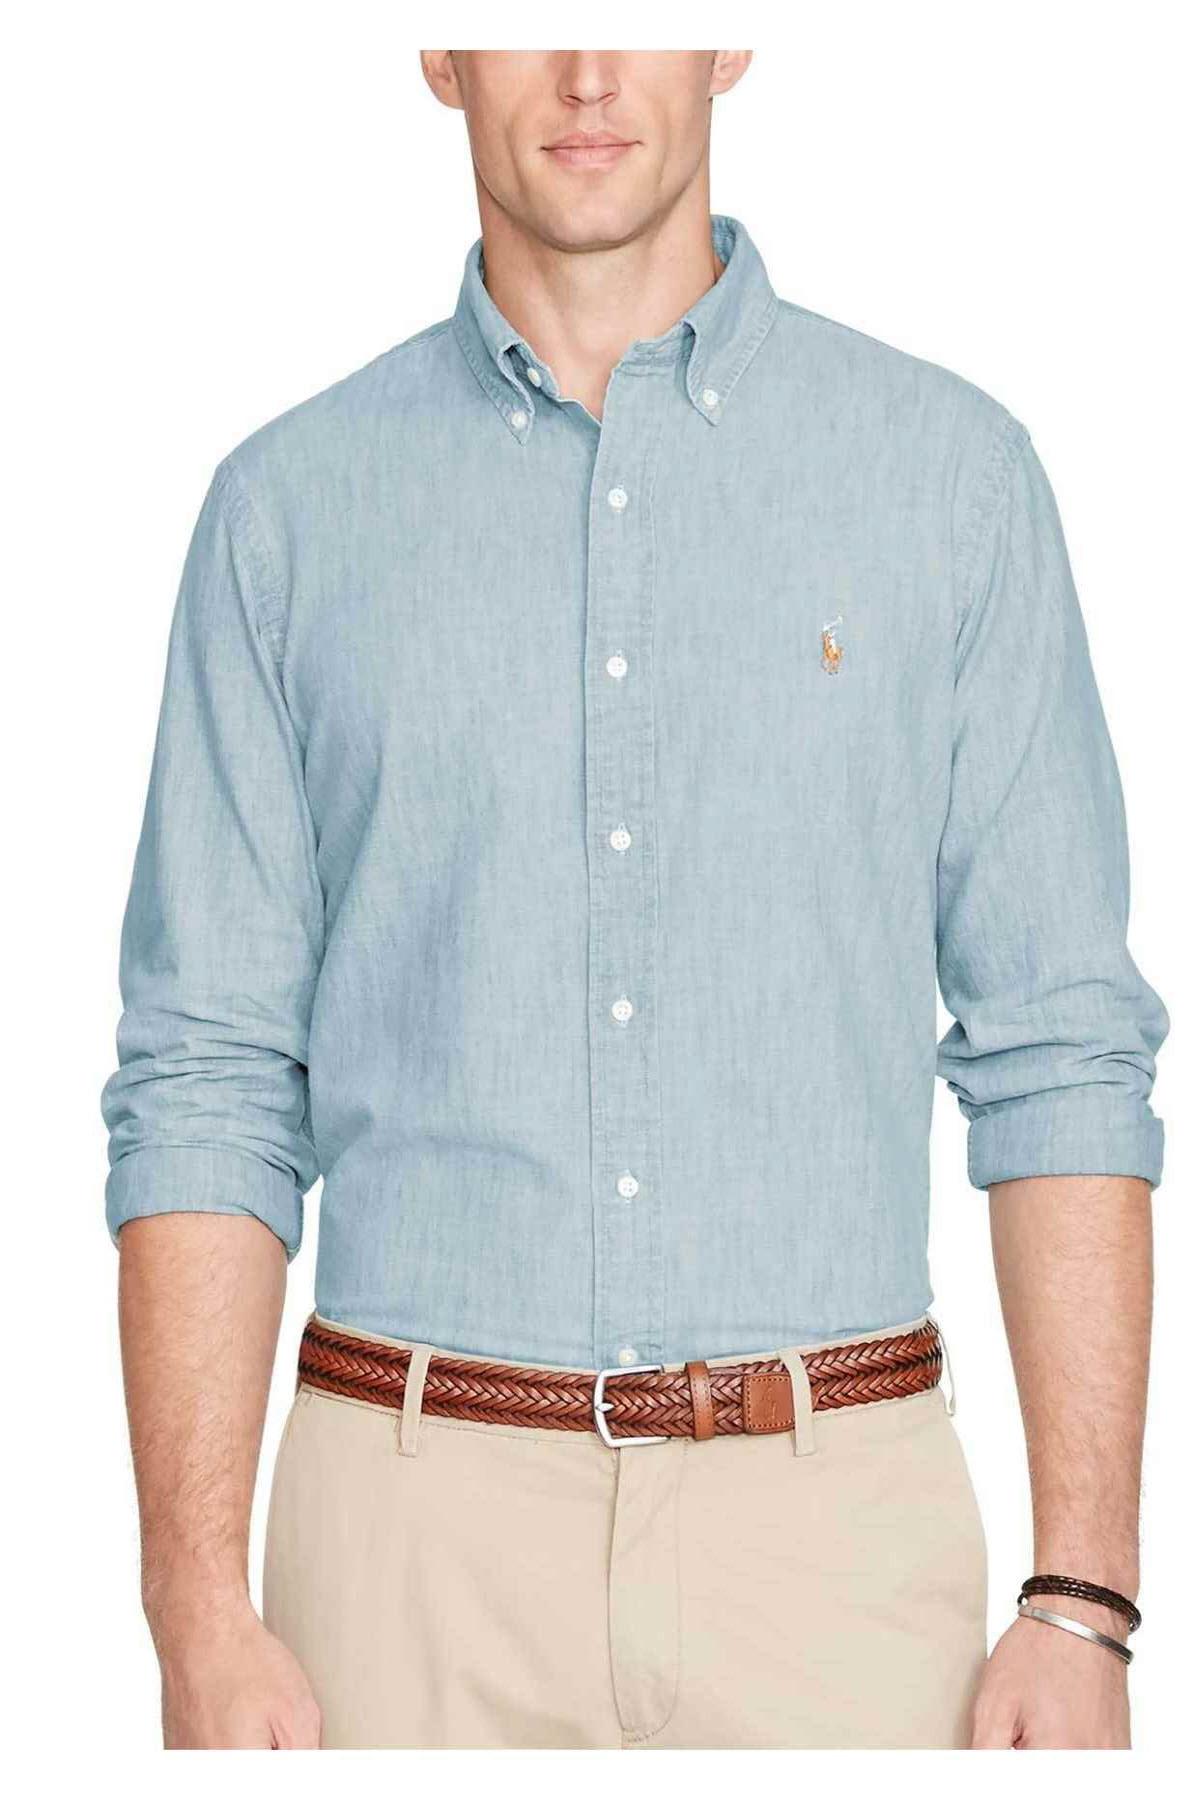 Polo Ralph Lauren Erkek Denim Gömlek 3830056452148 1